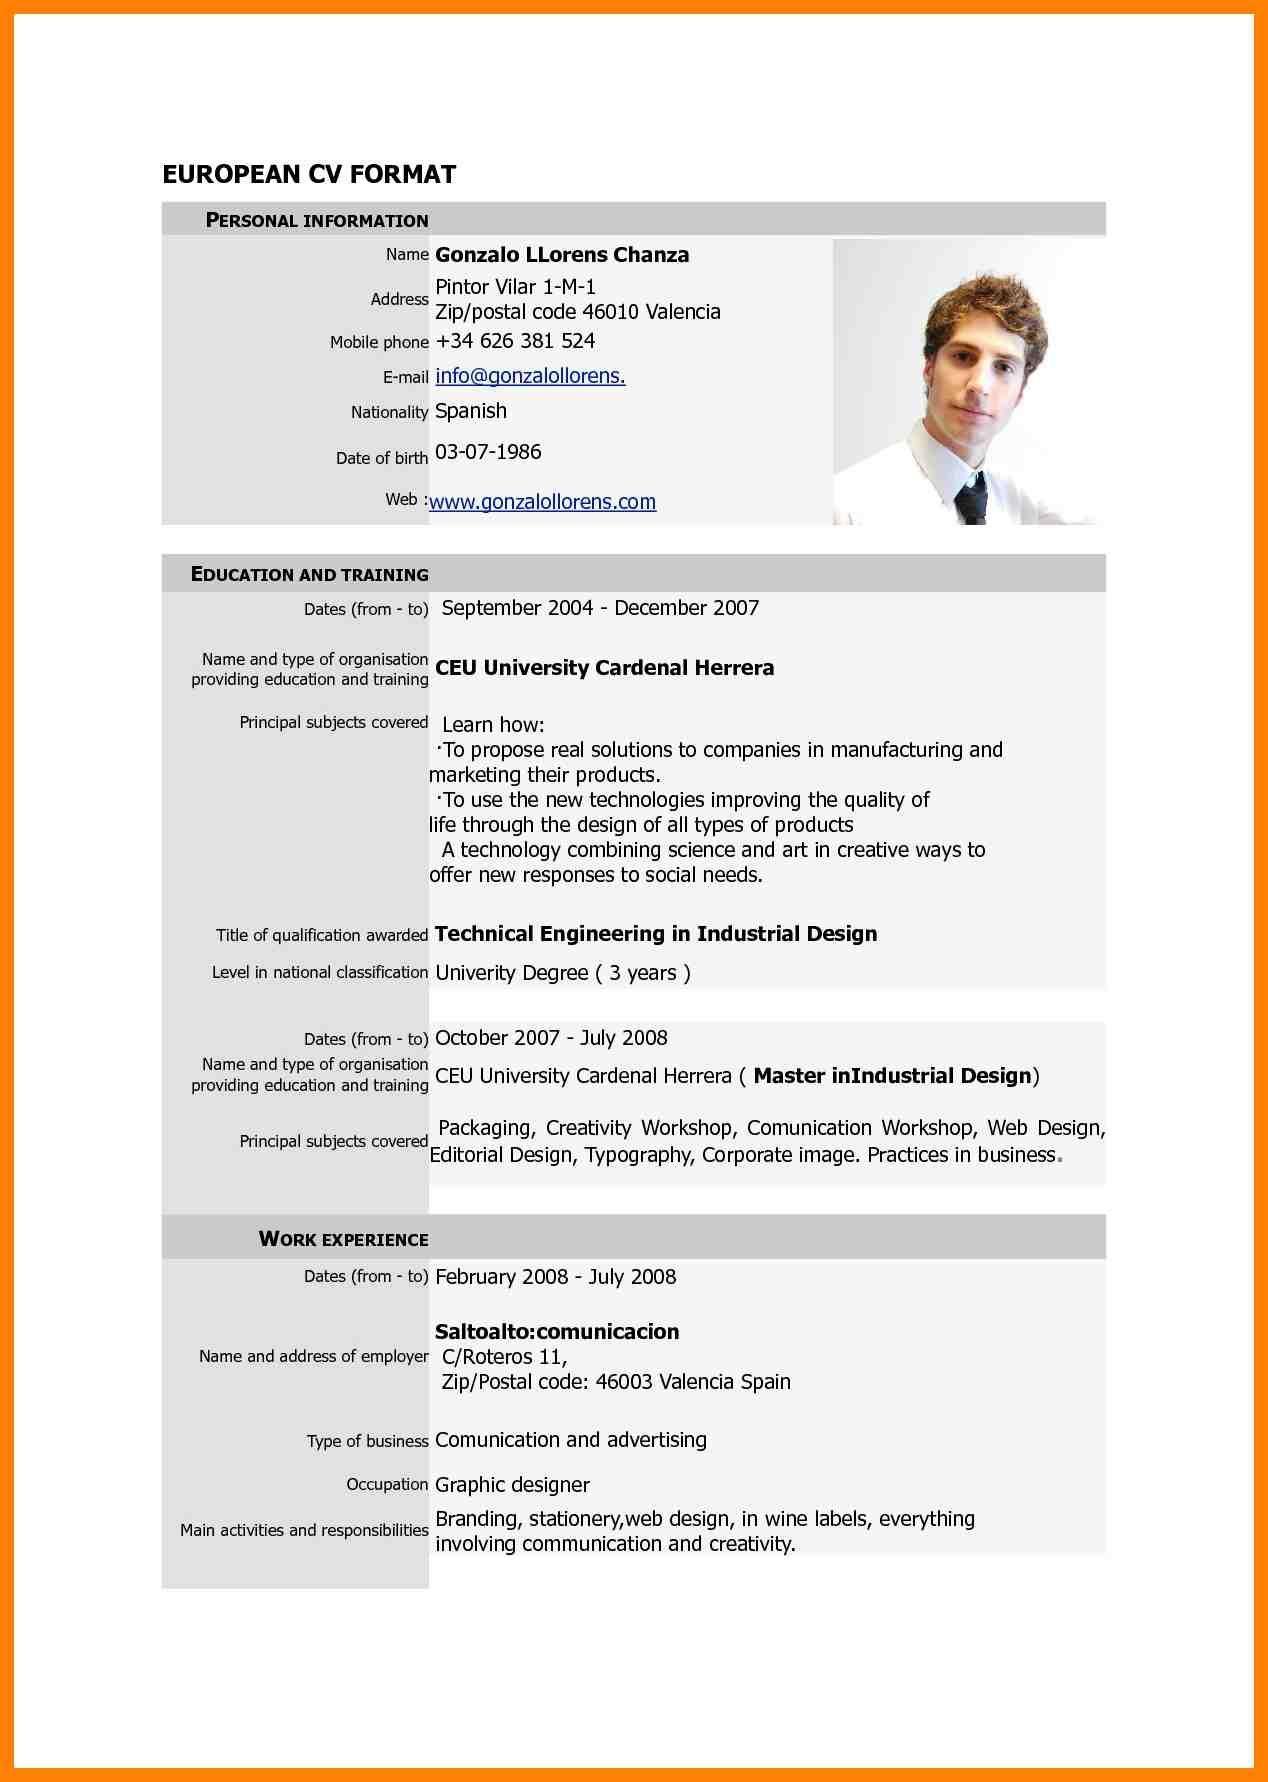 curriculum vitae example pdf